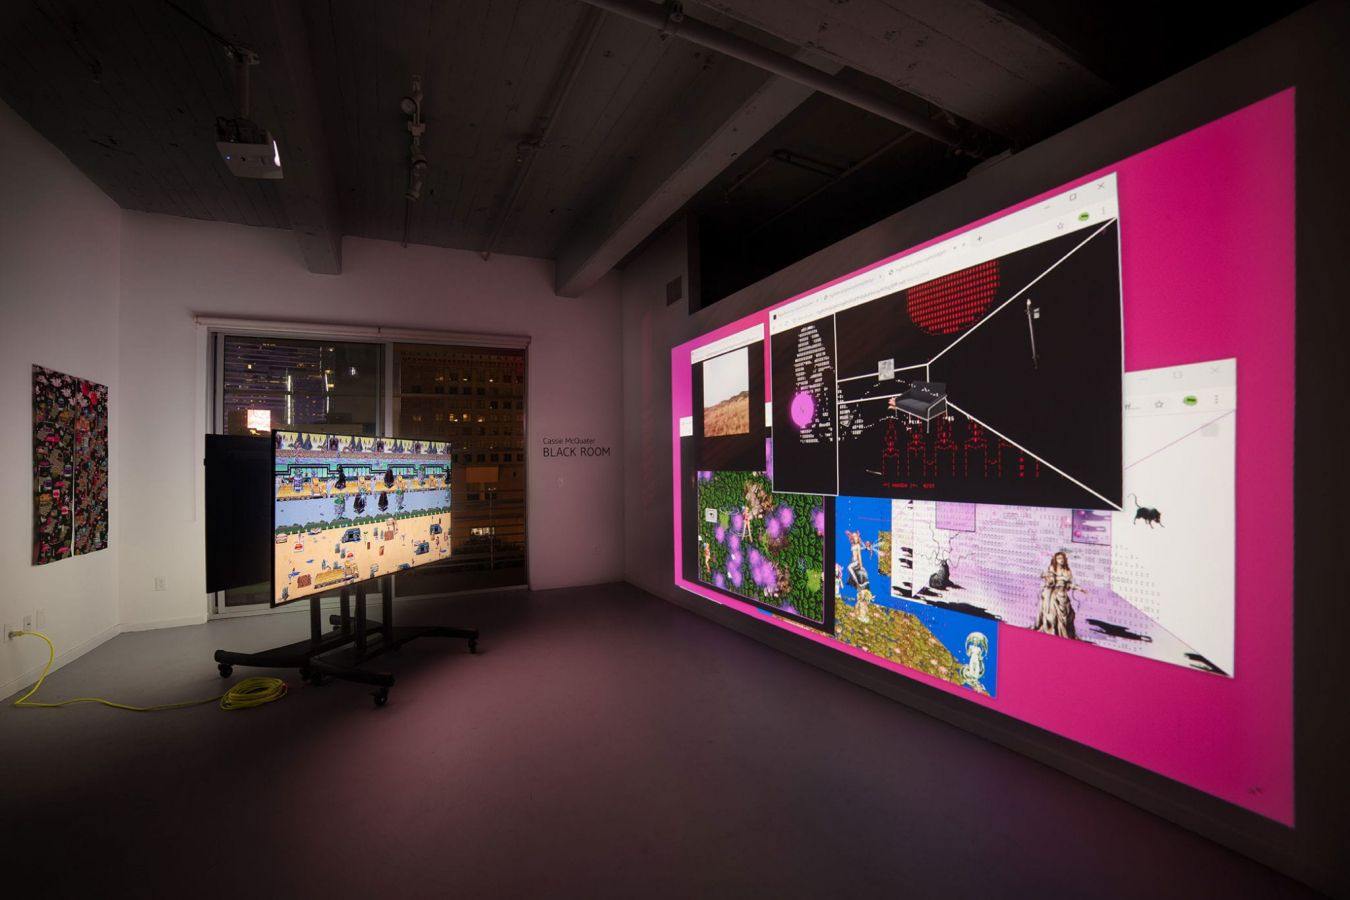 Inside Dtla's Transfer Gallery